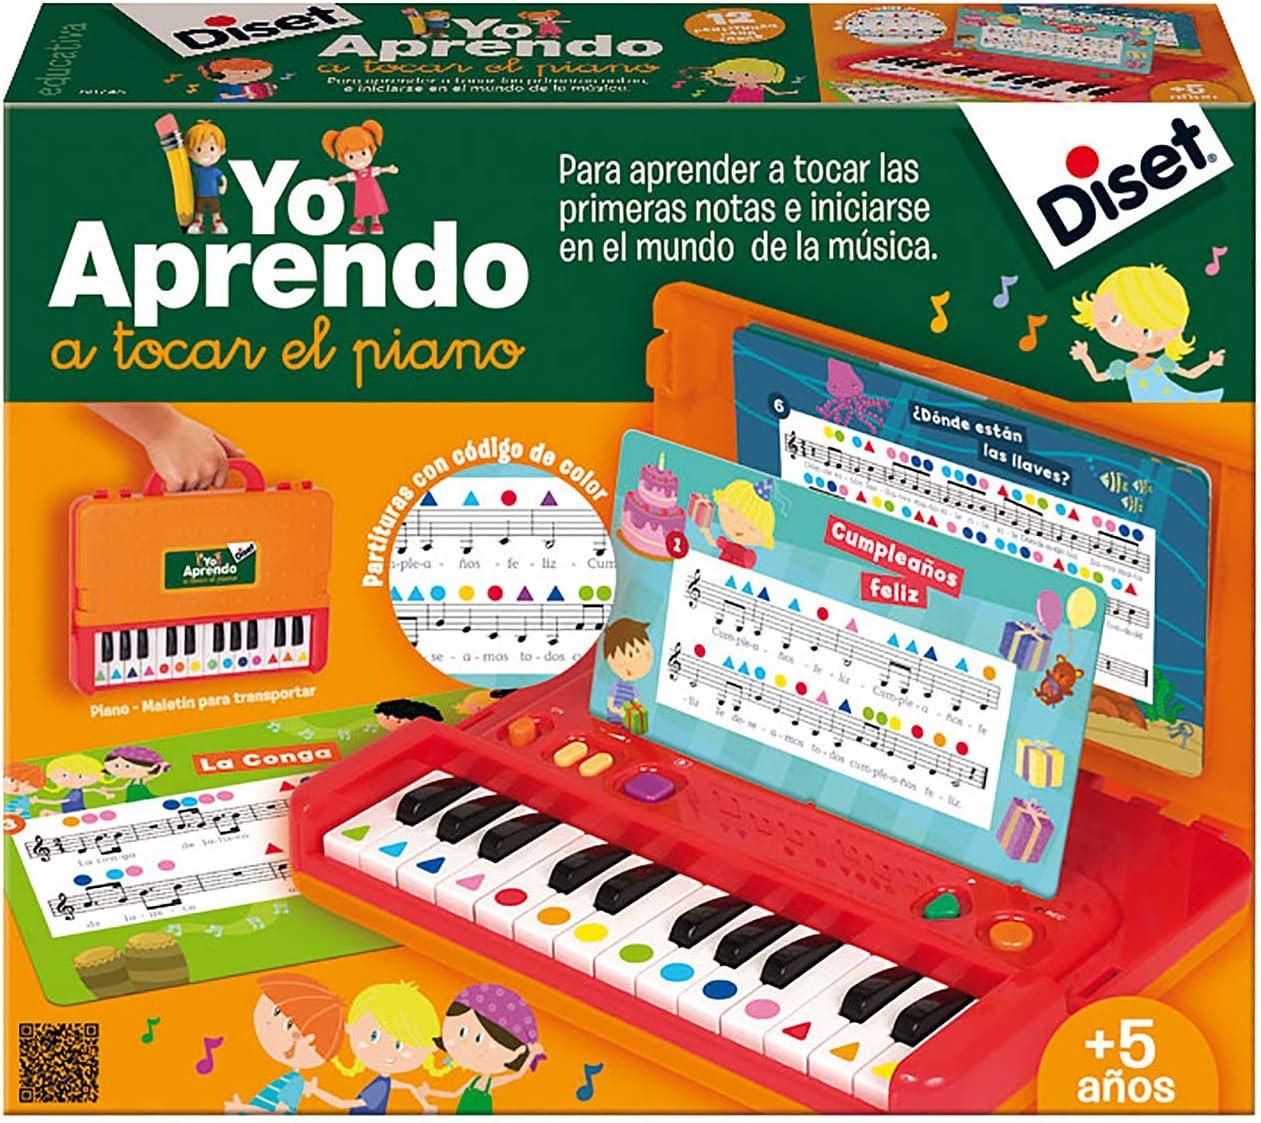 Diset - Yo aprendo a tocar el piano - Juguete educativo a partir de 5 años